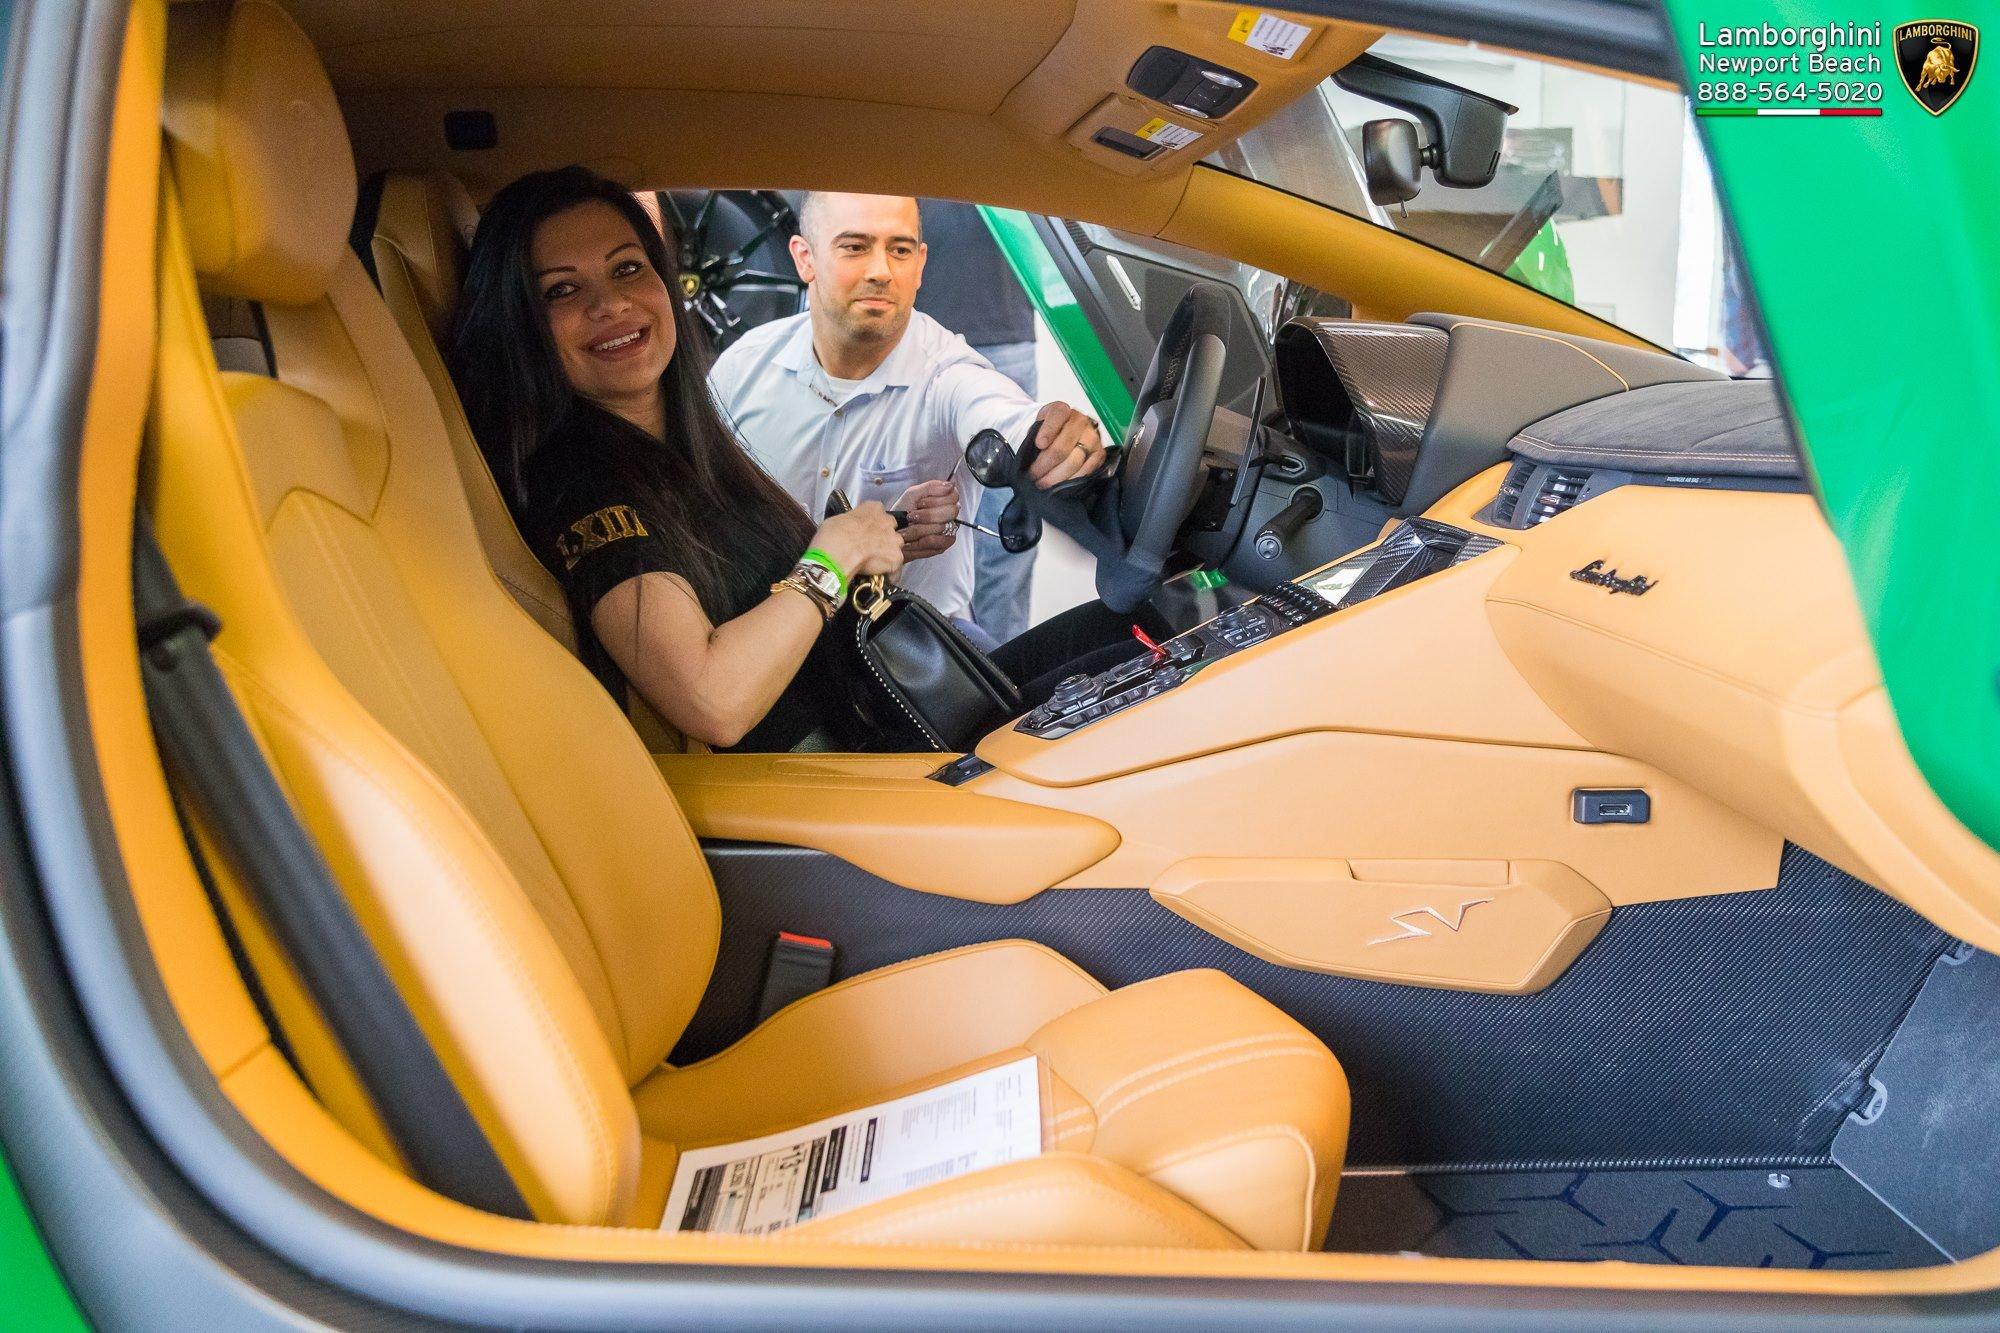 Lamborghini_Aventador_SV_Miura_SV_0003